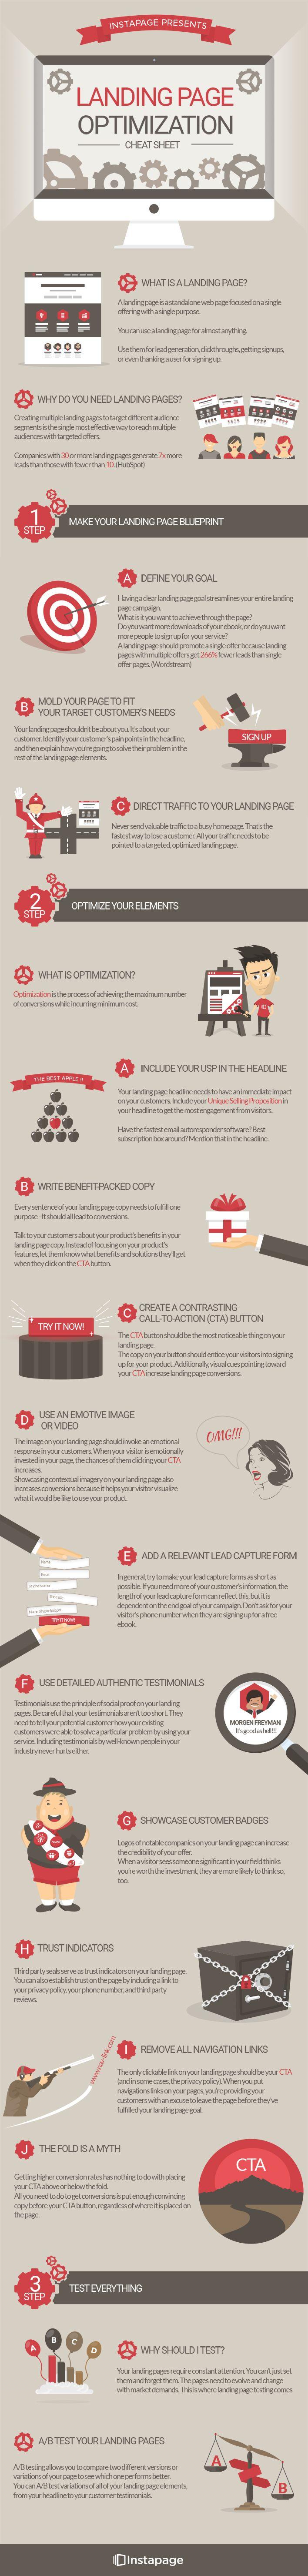 Landing Page Optimization Cheat Sheet #infographic #Business #LandingPage #Marketing